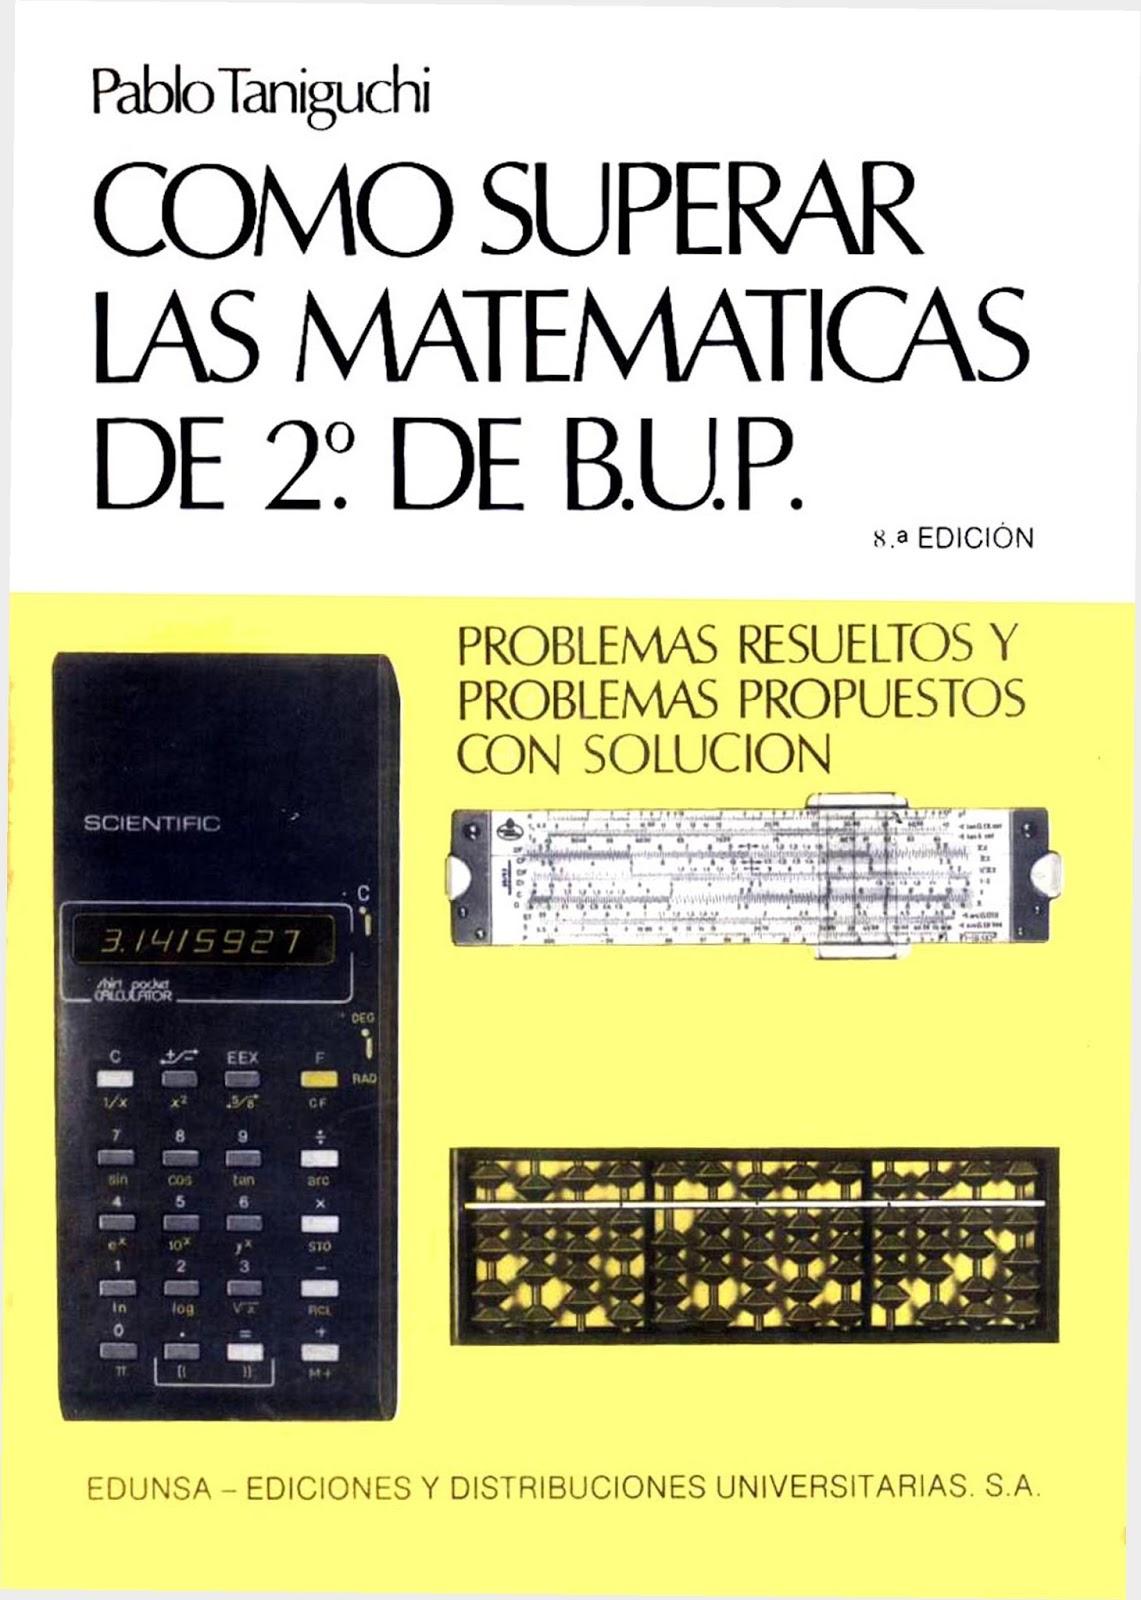 Cómo Superar las Matemáticas de 2º de B.U.P. – Pablo Taniguchi